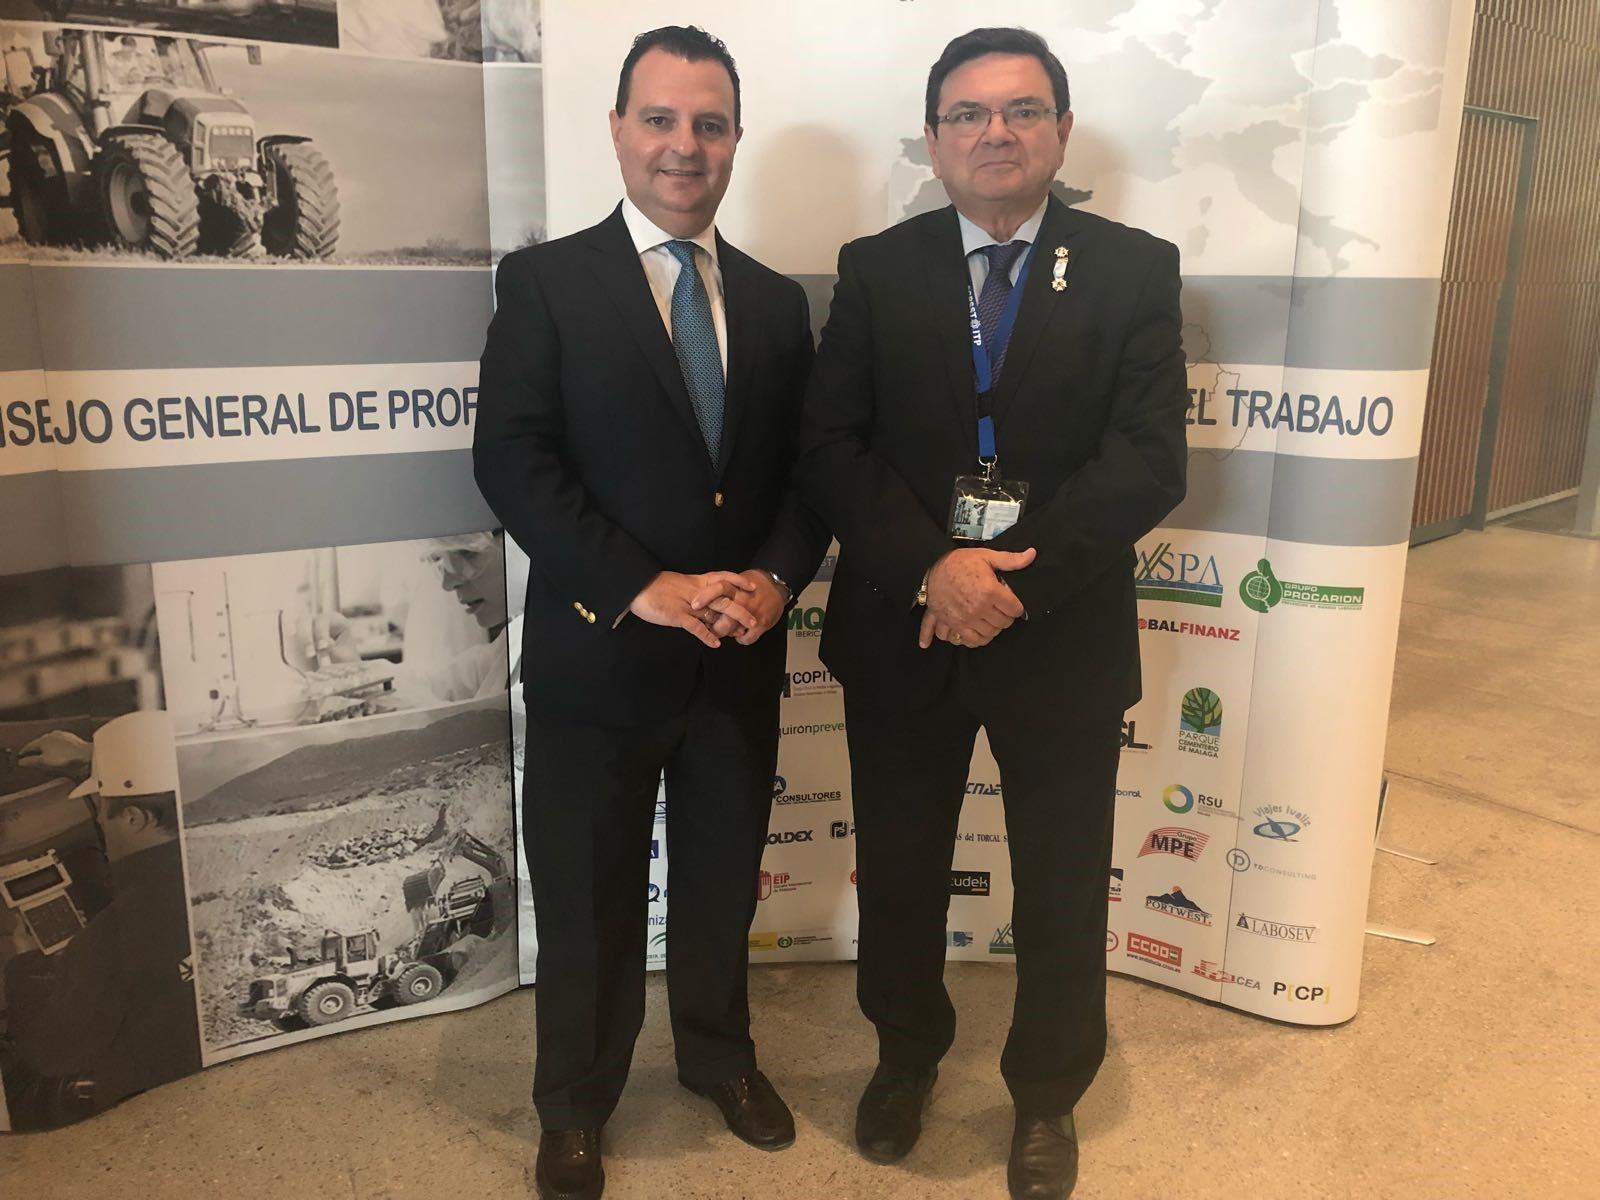 Nota informativa: El abogado sevillano Francisco José Fernández Romero, Medalla de Oro al Mérito Profesional de la Seguridad y Salud en el Trabajo